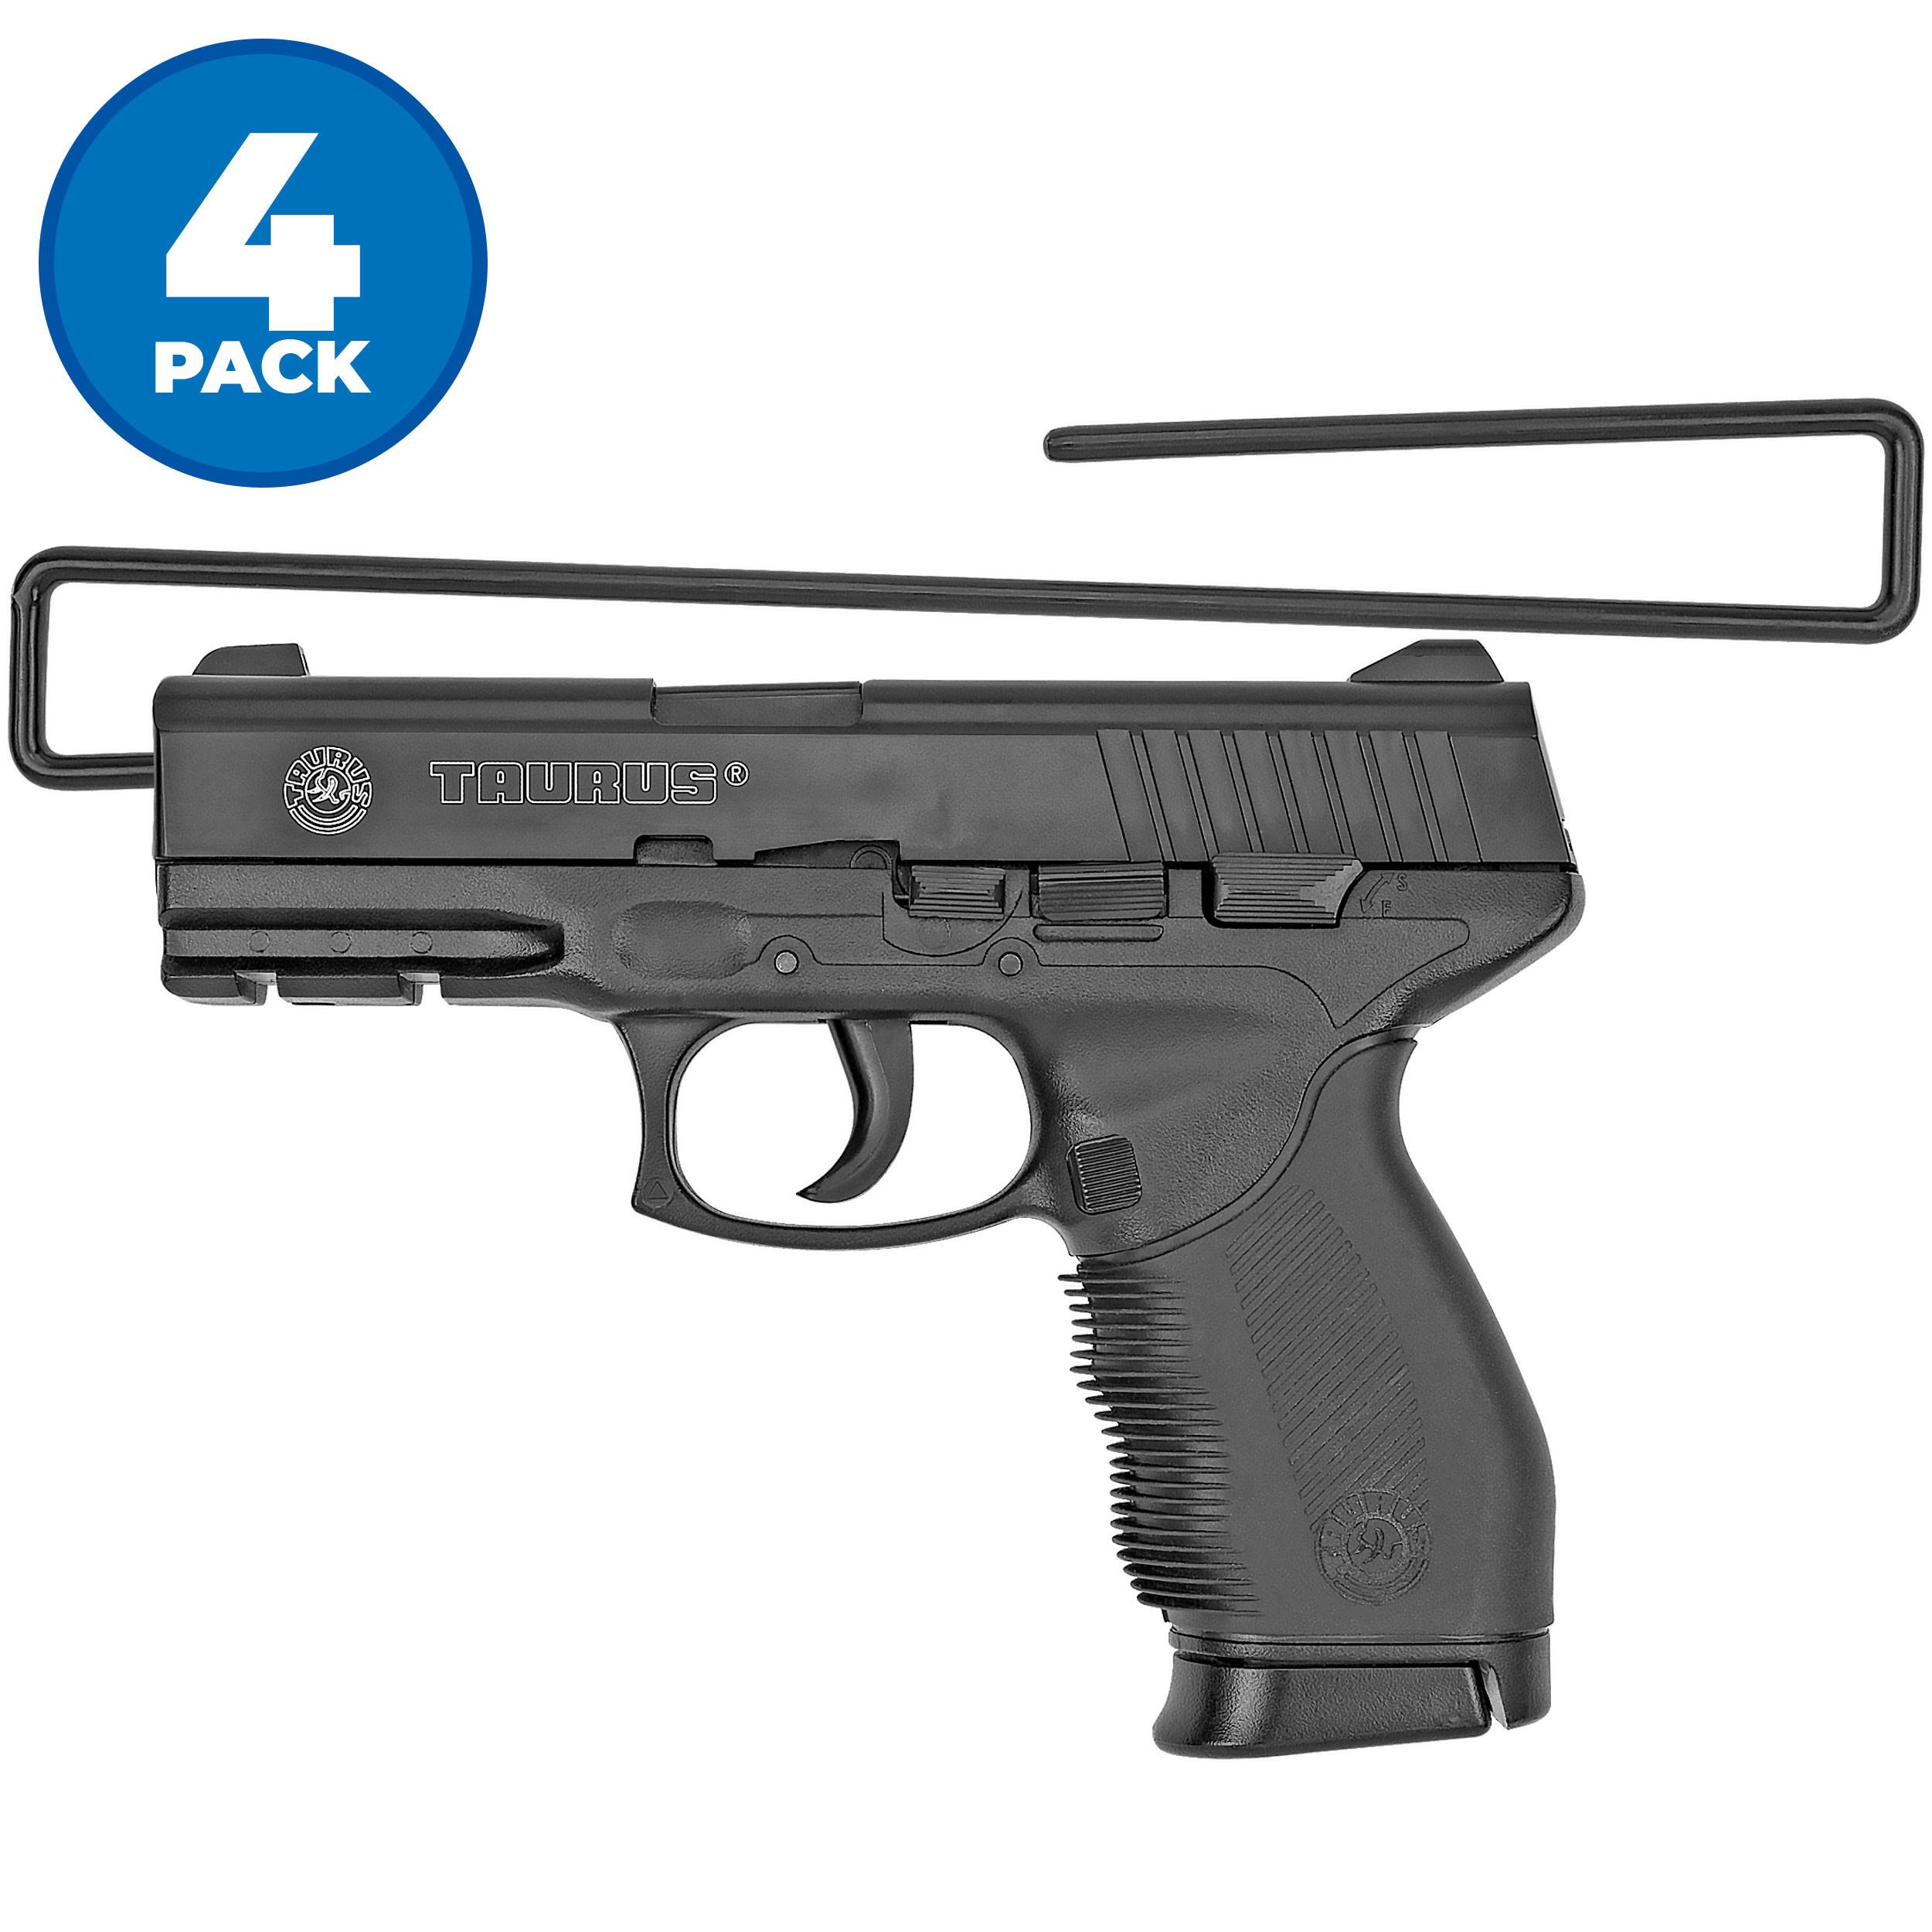 BOOMSTICK BOOM-10008-4PKBoomstick Gun Accessories Under Shelf Vinyl Coated Metal Handgun Pistol Hangers (Pack of 4), Black